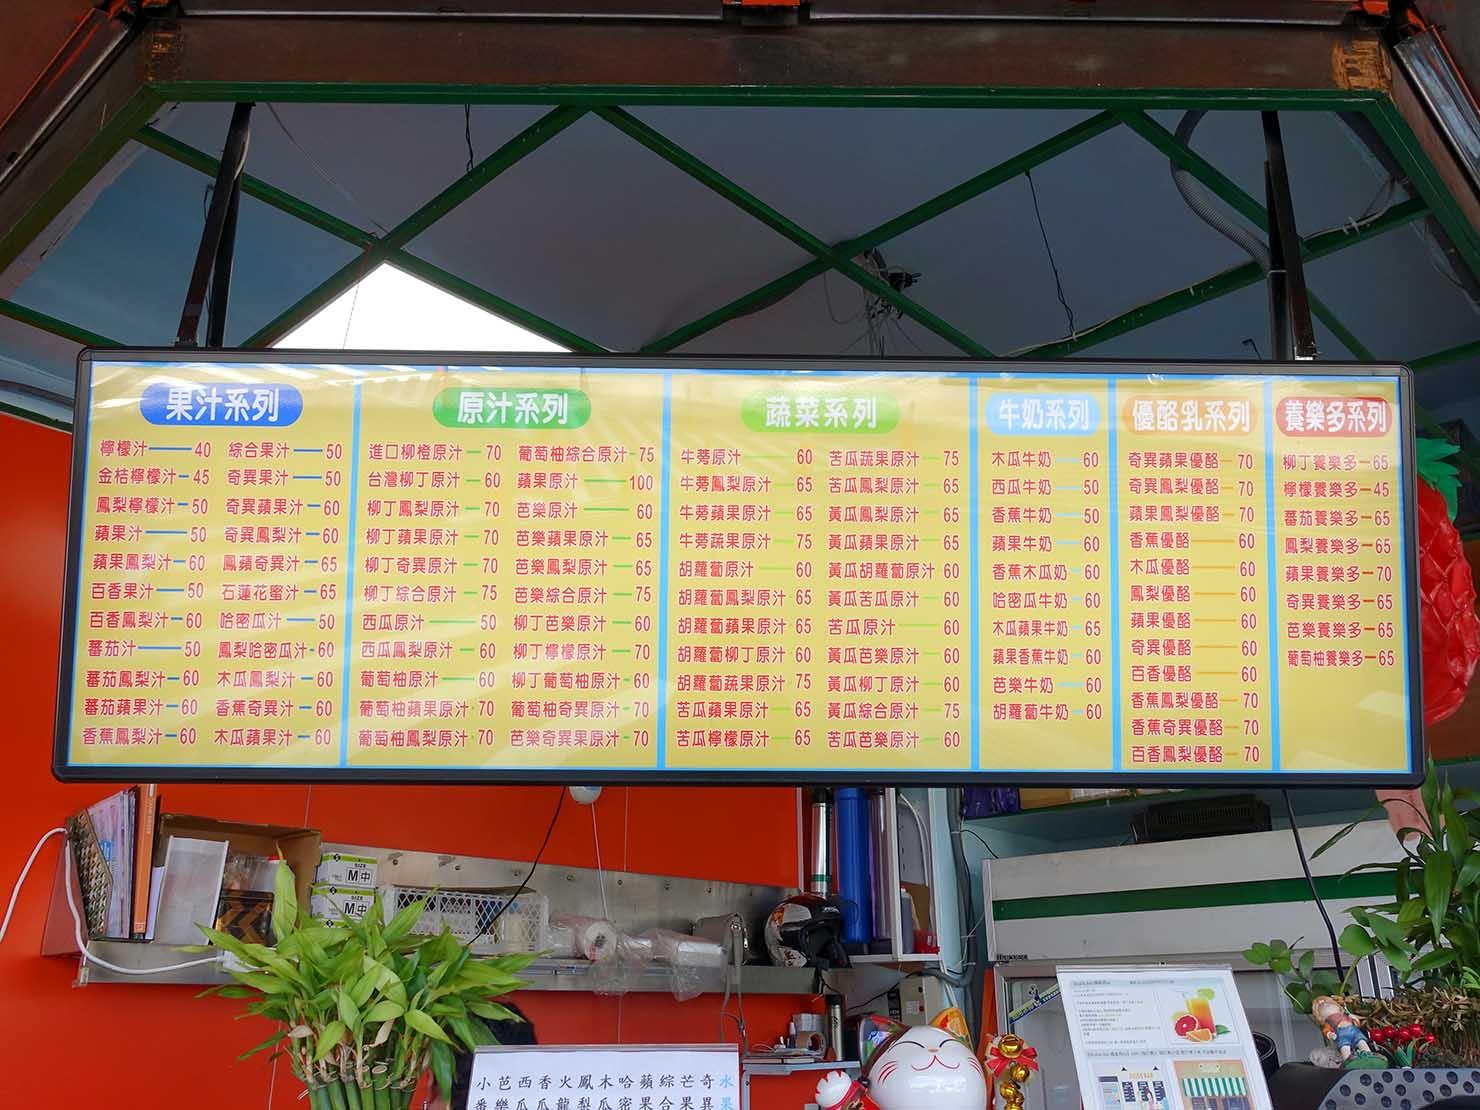 台北・善導寺のおすすめグルメ店「君君果汁吧」のメニュー